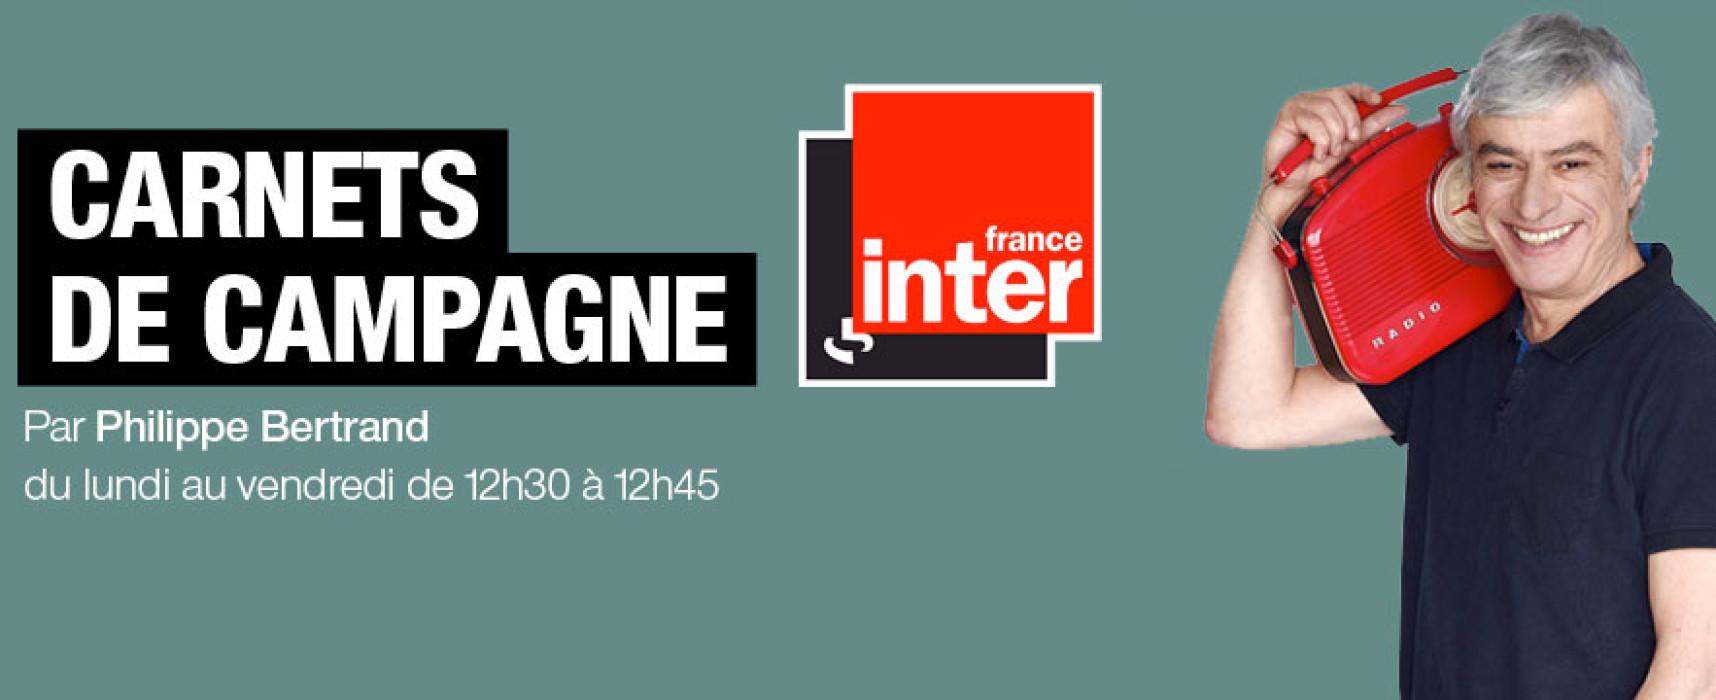 [Radio] Carnets de campagne en Creuse